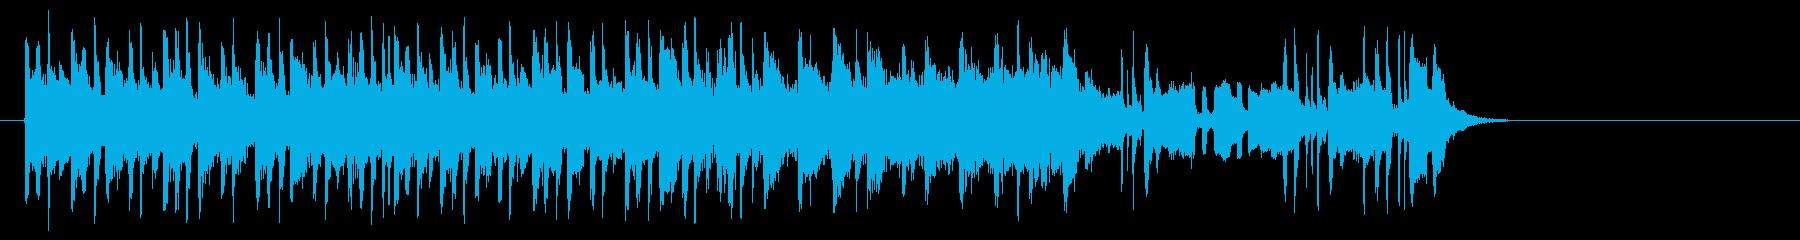 淡々としたポップ(サビ~イントロ)の再生済みの波形